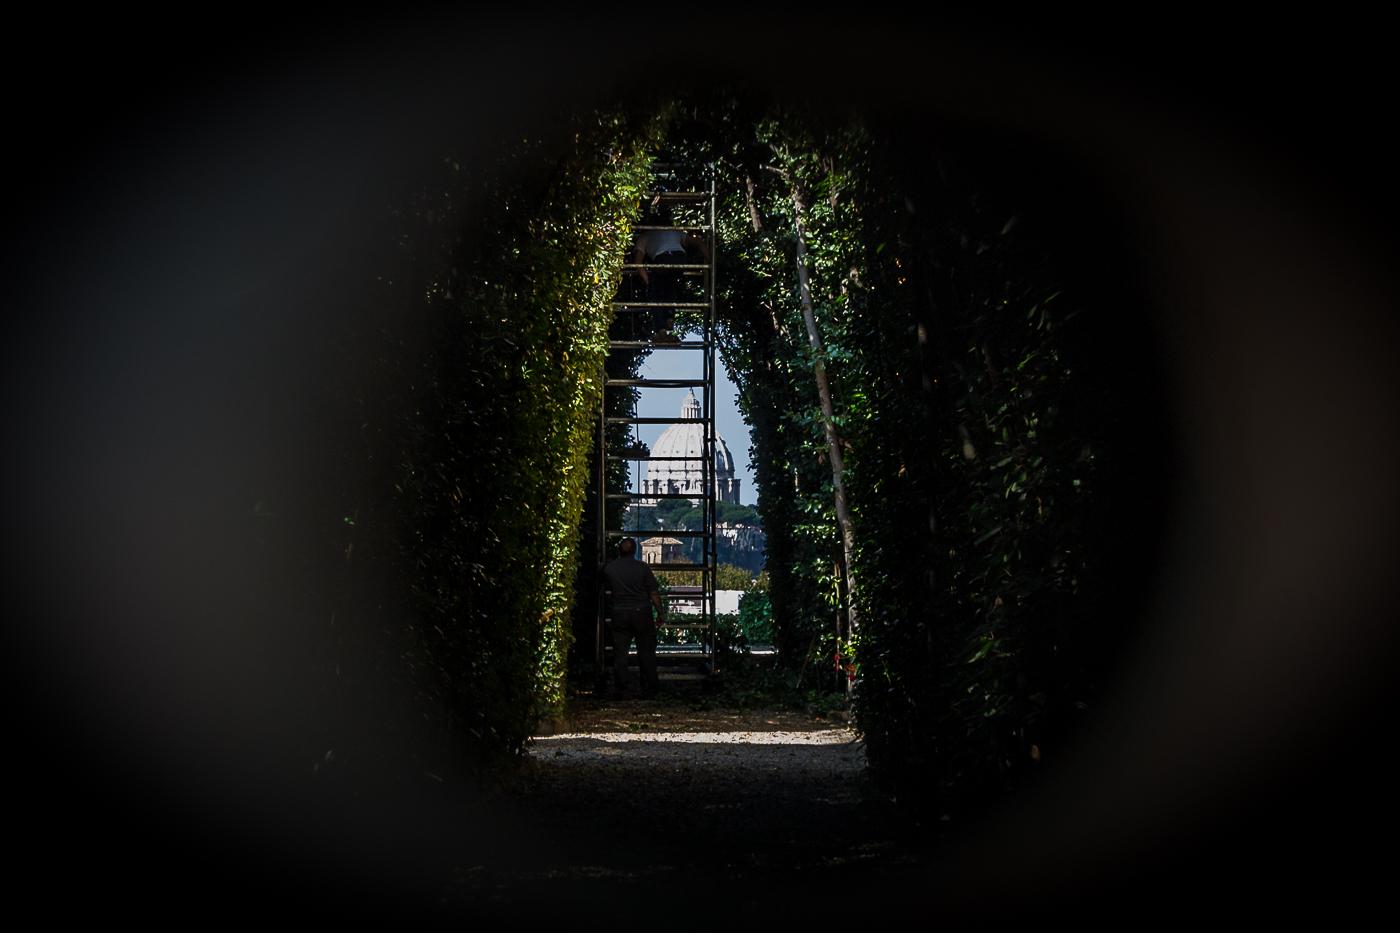 Park pomorandži - pogled kroz ključaonicu malteškog viteškog reda (foto: Vodič kroz Rim)